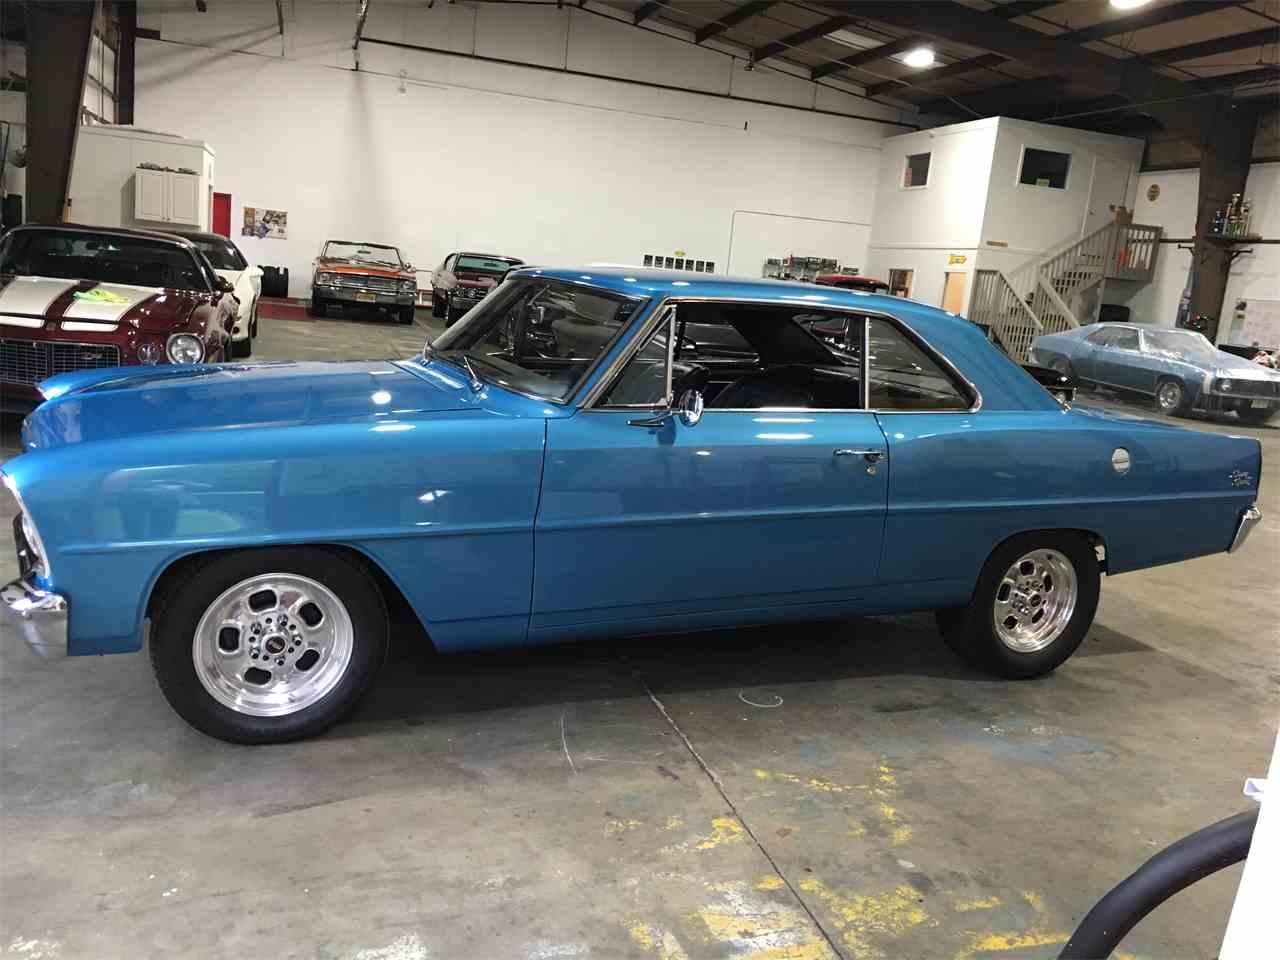 1966 Chevrolet Nova Ss For Sale Chevy Ii Classiccarscom